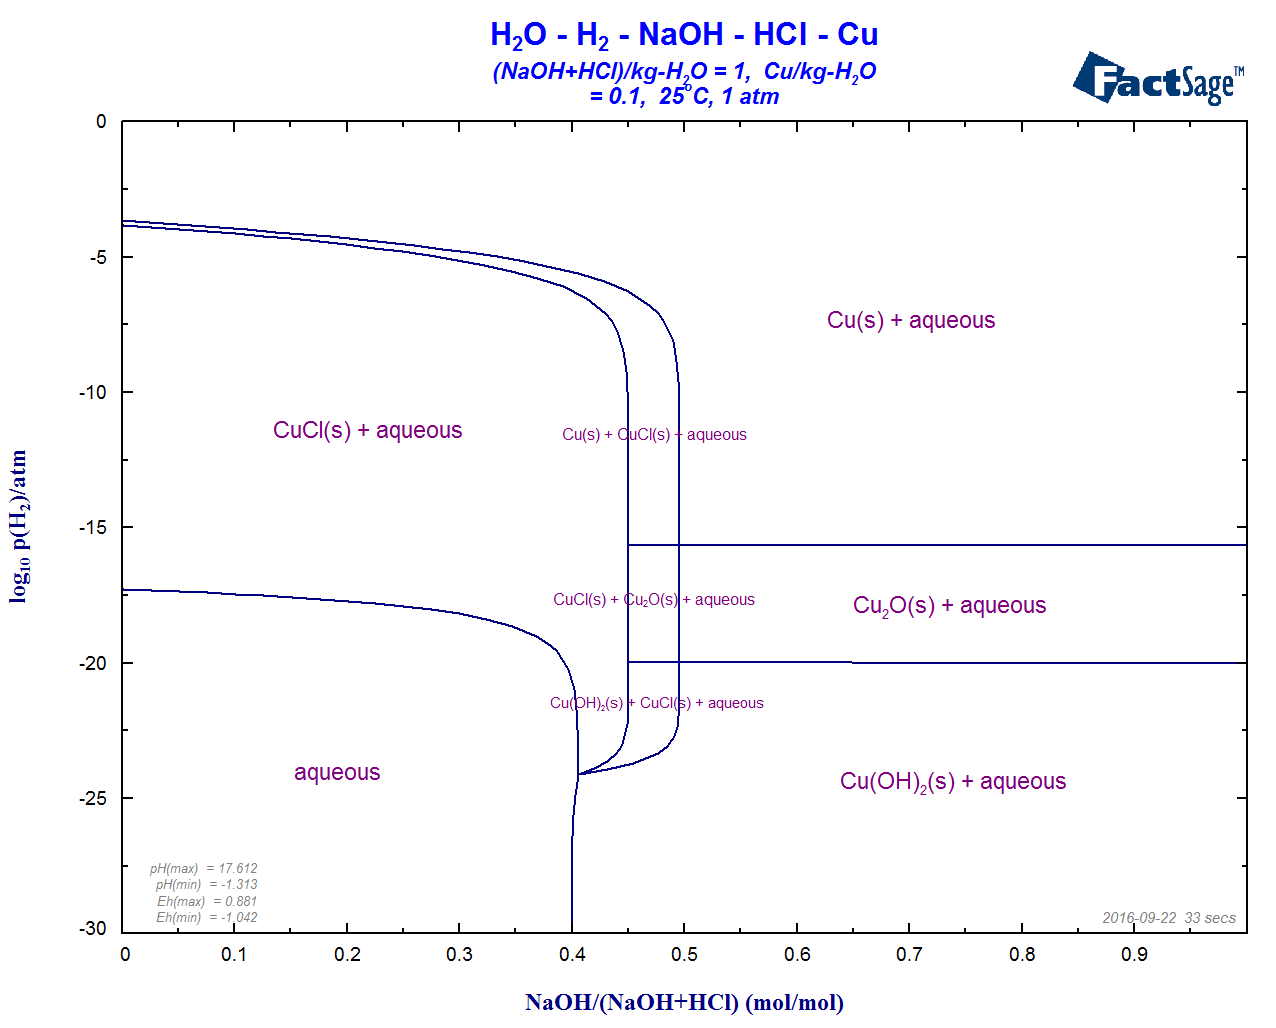 aqueous phase diagrams of the h2o-cu-naoh-hcl-h2 - log10(p(h2) versus molar  ratio naoh/(naoh+hcl) at m(cu) = 0 1